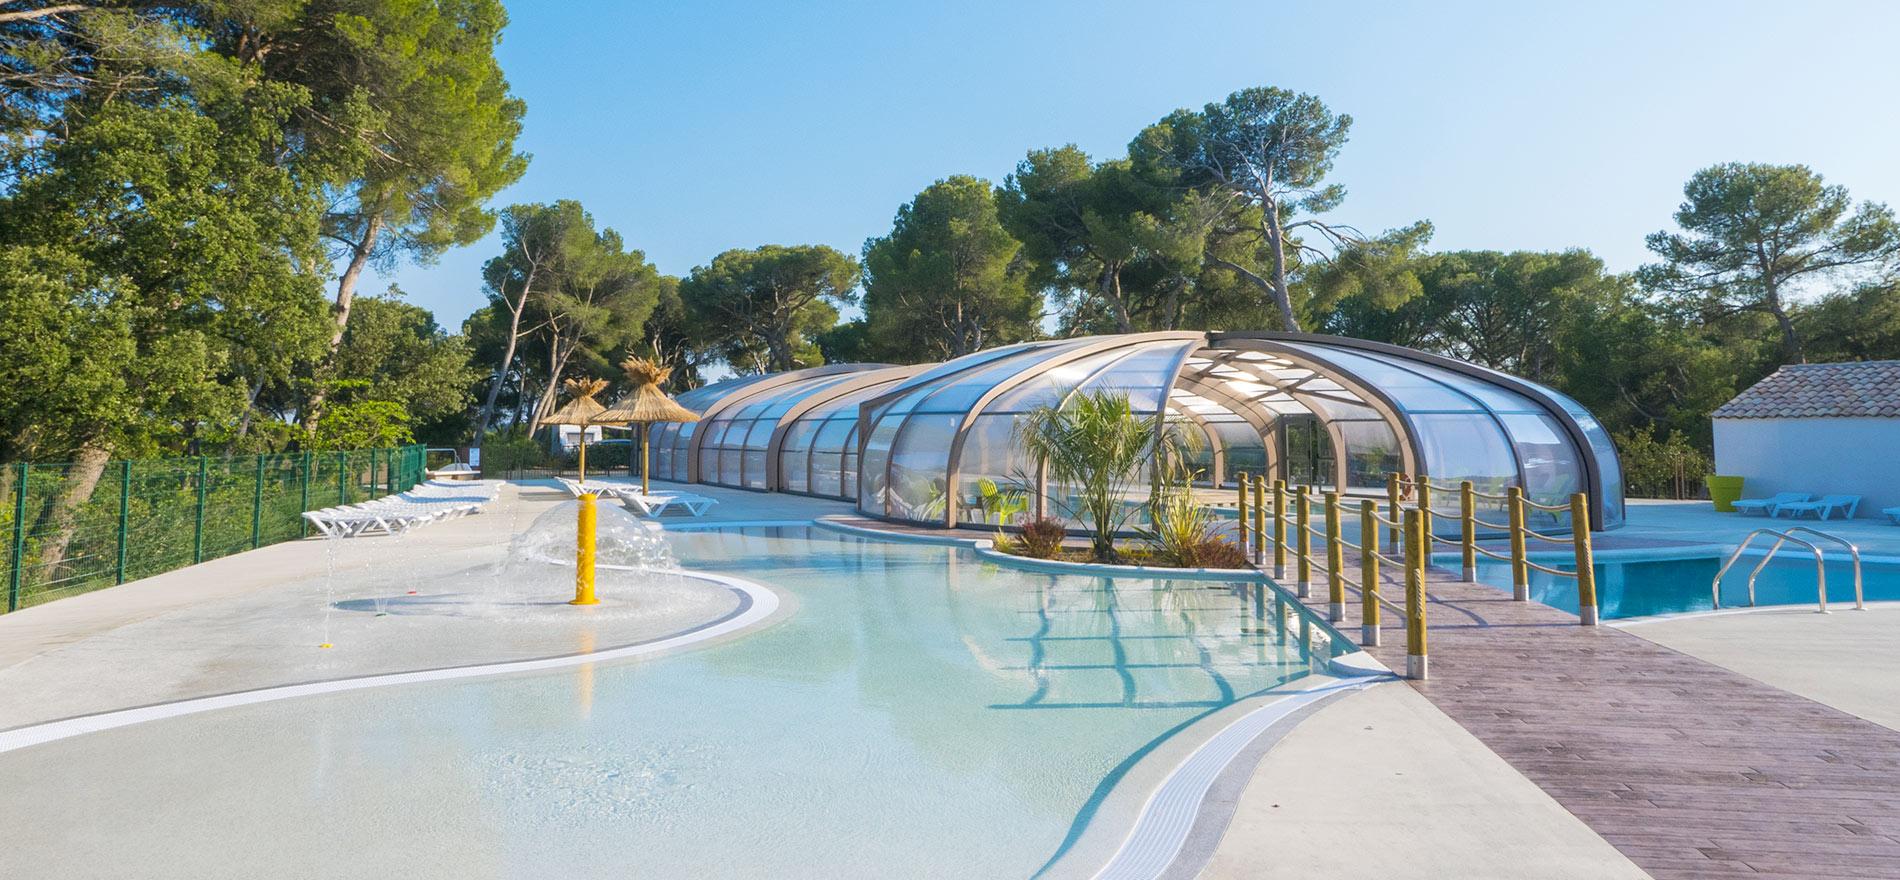 Camping Avignon Parc, Venez Passer Un Séjour Aux Portes D ... avec Camping Avignon Avec Piscine